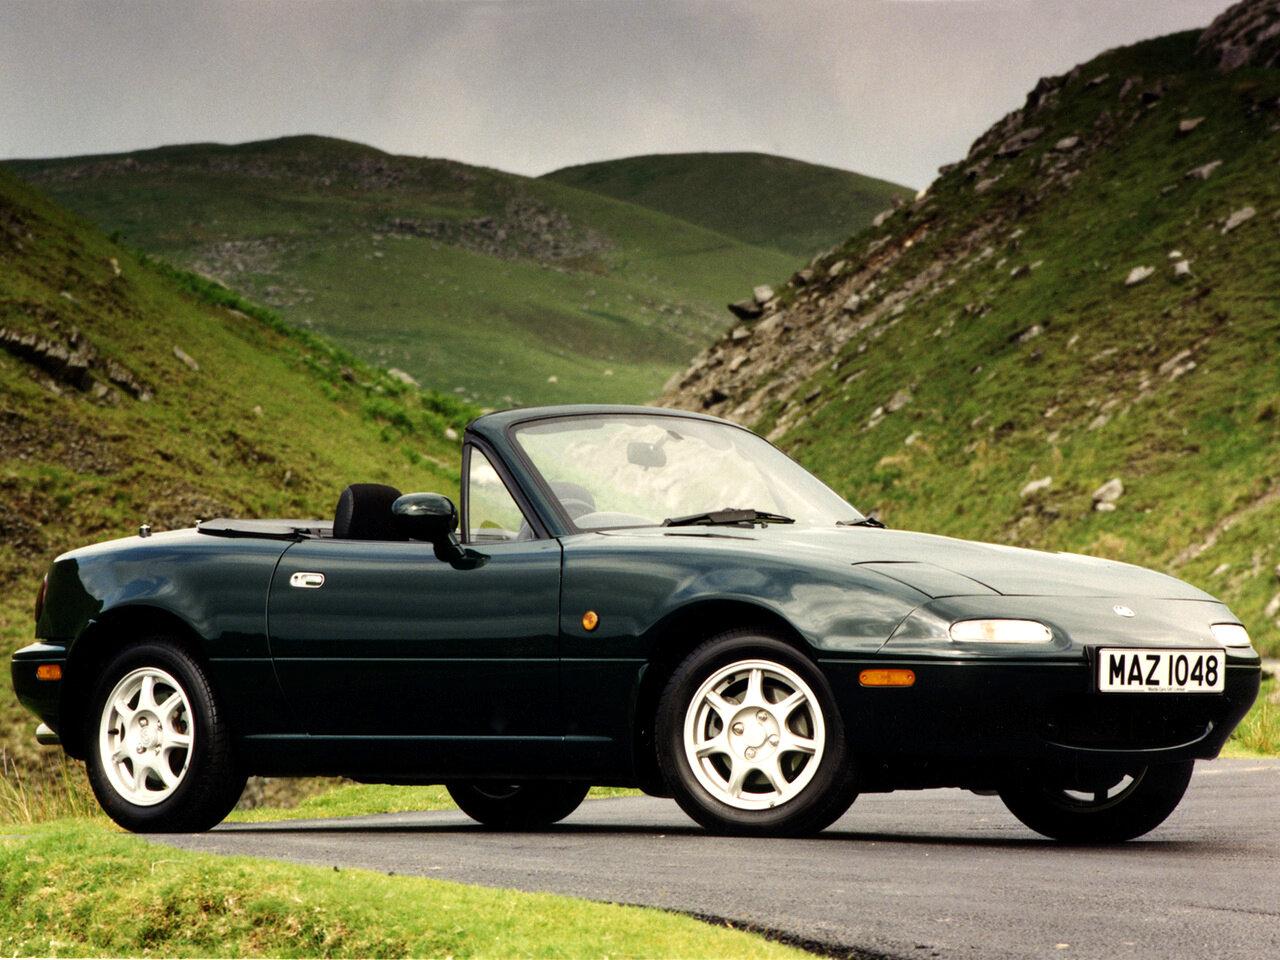 Mazda MX-5: a brilliant sports car, now appreciating